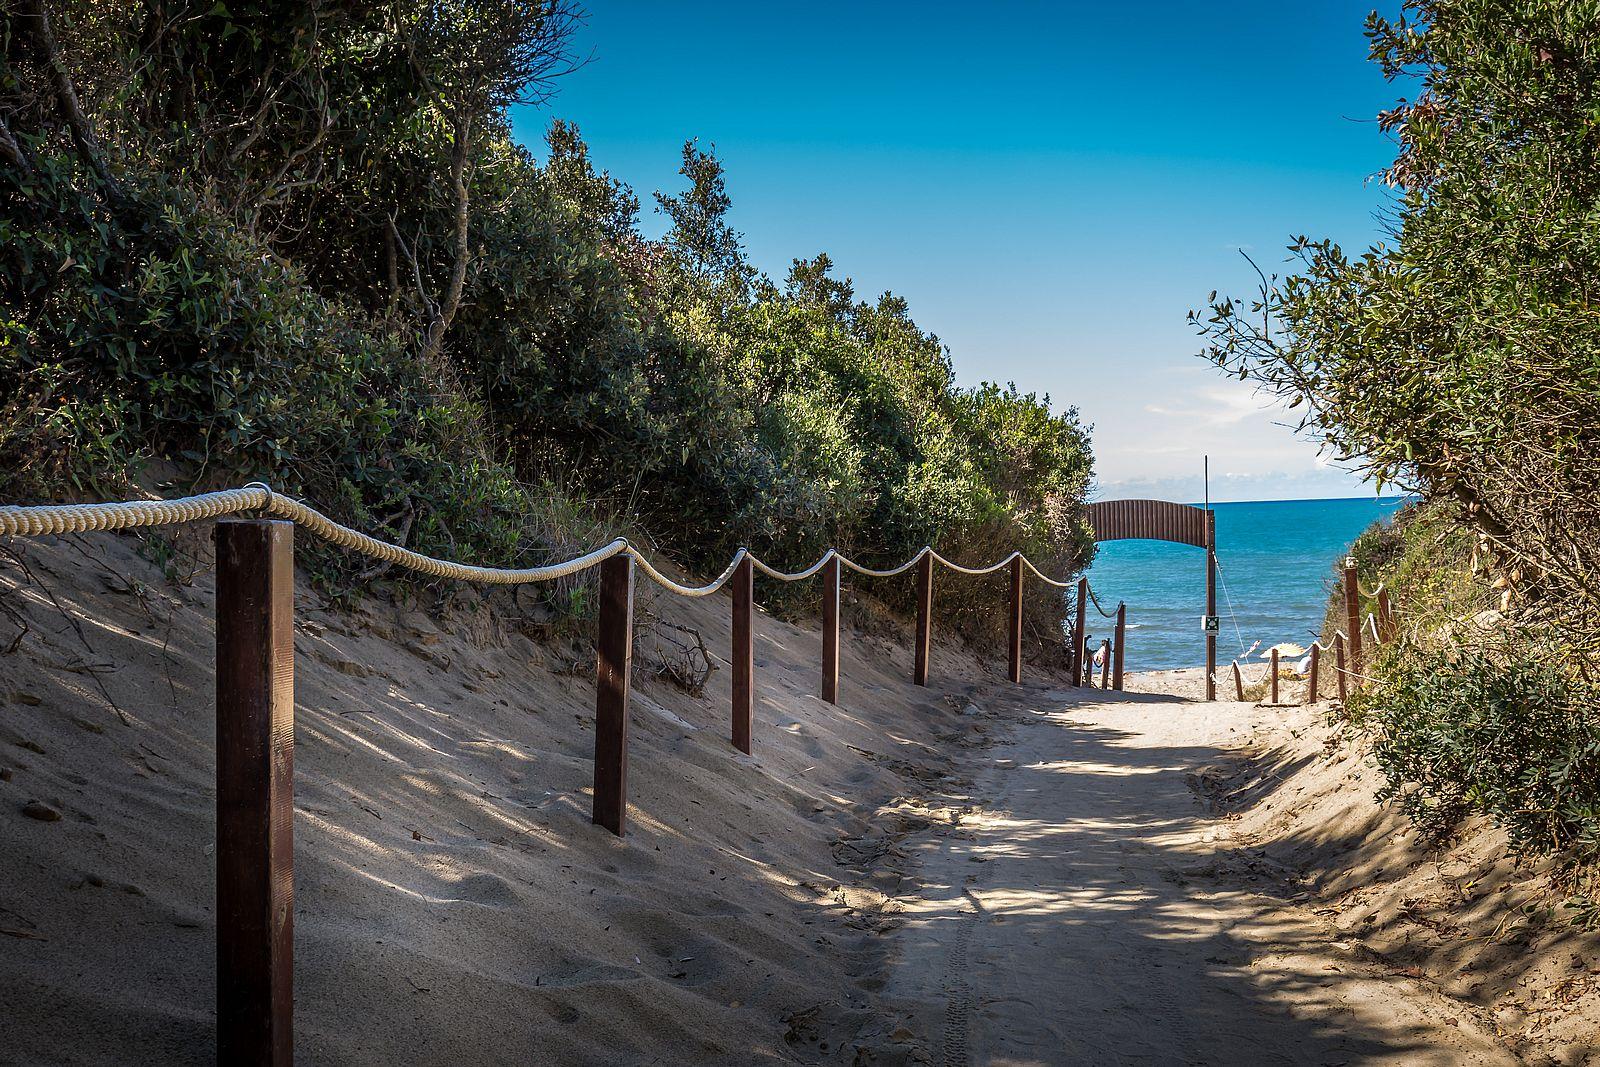 Campeggio toscana sul mare campeggio etruria castiglione della pescaia - Camping in toscana sul mare con piscina ...